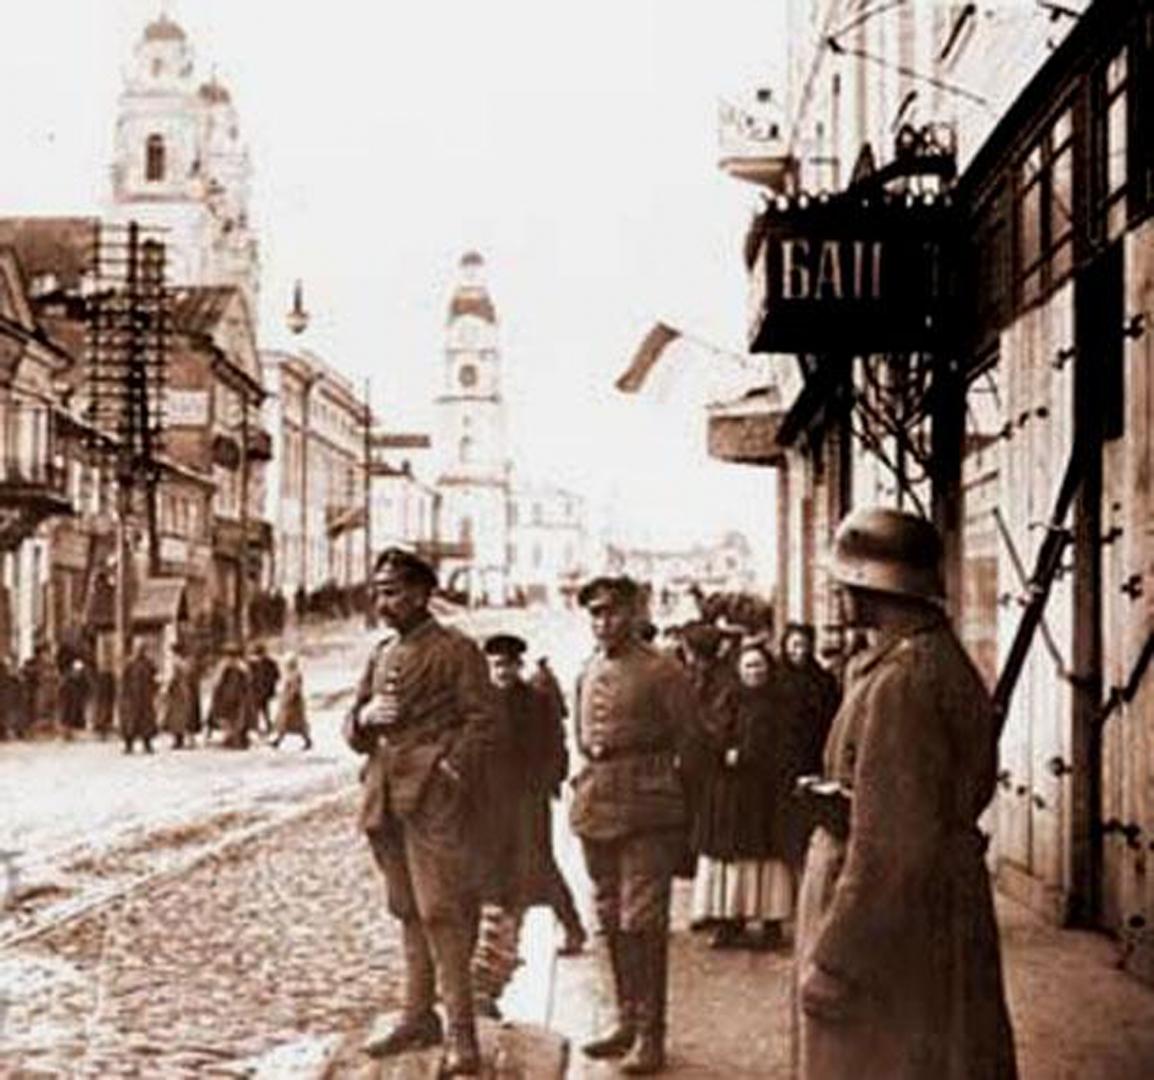 Бело-красно-белый флаг, вывешенный на балконе квартиры, так называемой Белорусской Народной Республики,под опекой польской жандармерии (в центре) и немецких солдат (на переднем плане). Минск, 1918 г